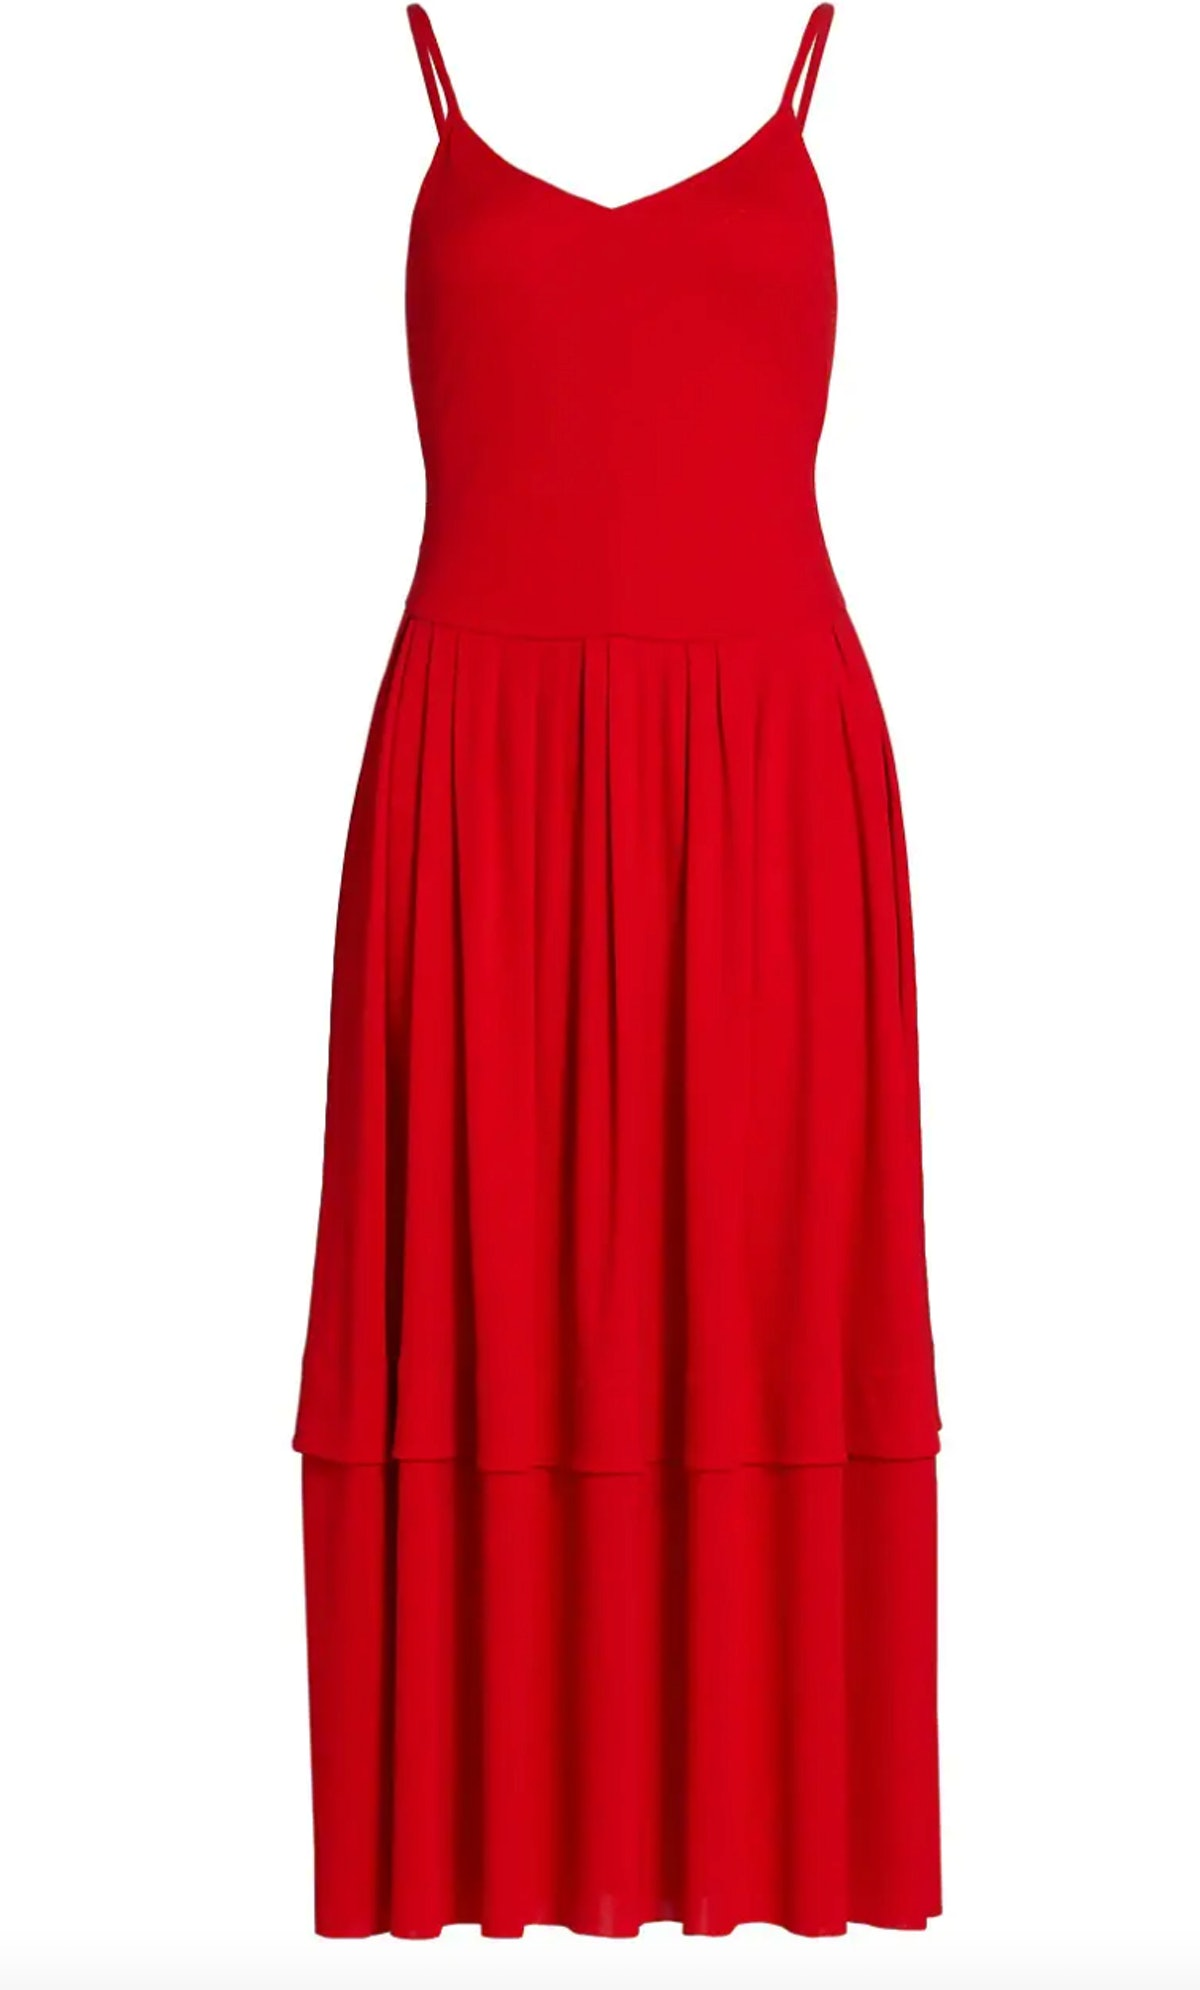 Victoria Beckham's jersey dancer midi dress in bright red.